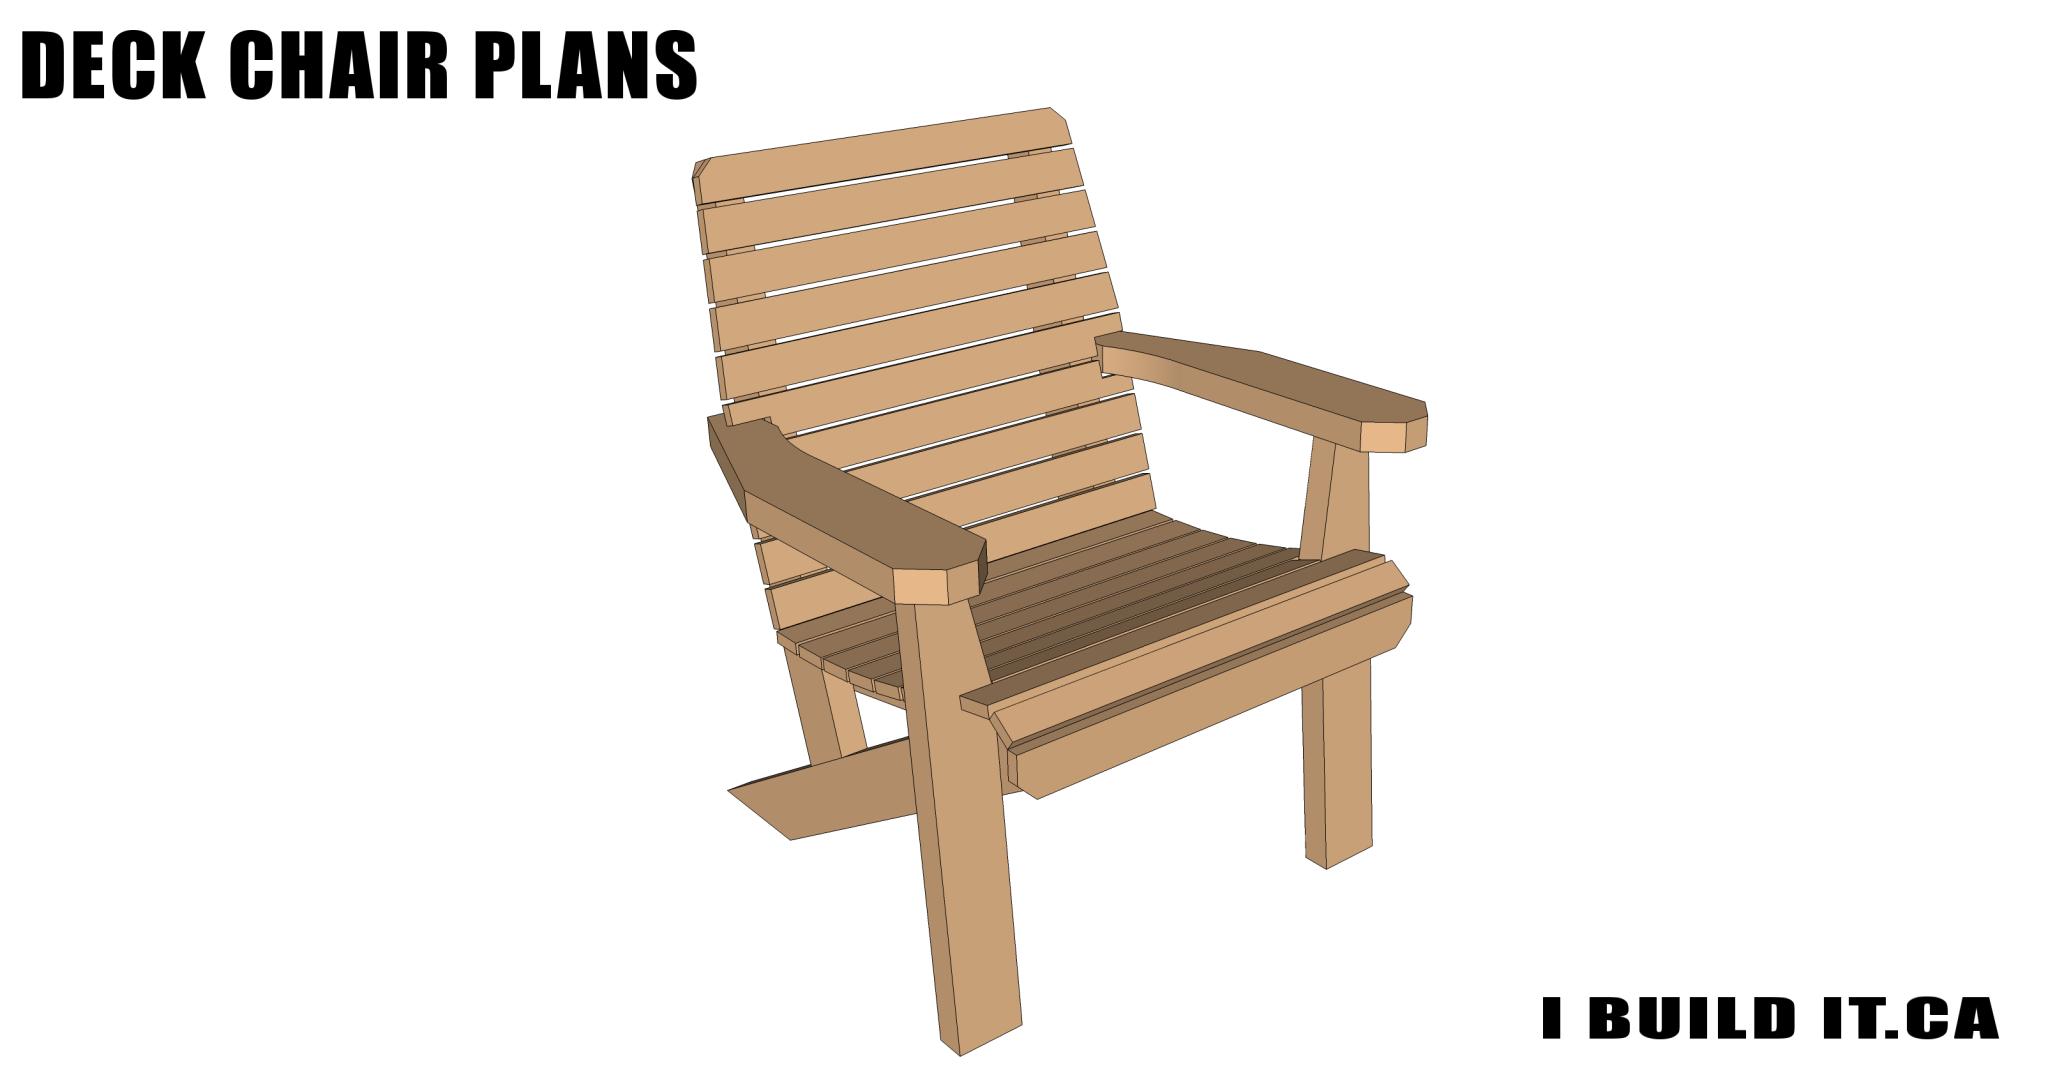 Deck Chair Plans - Plans - IBUILDIT.CA